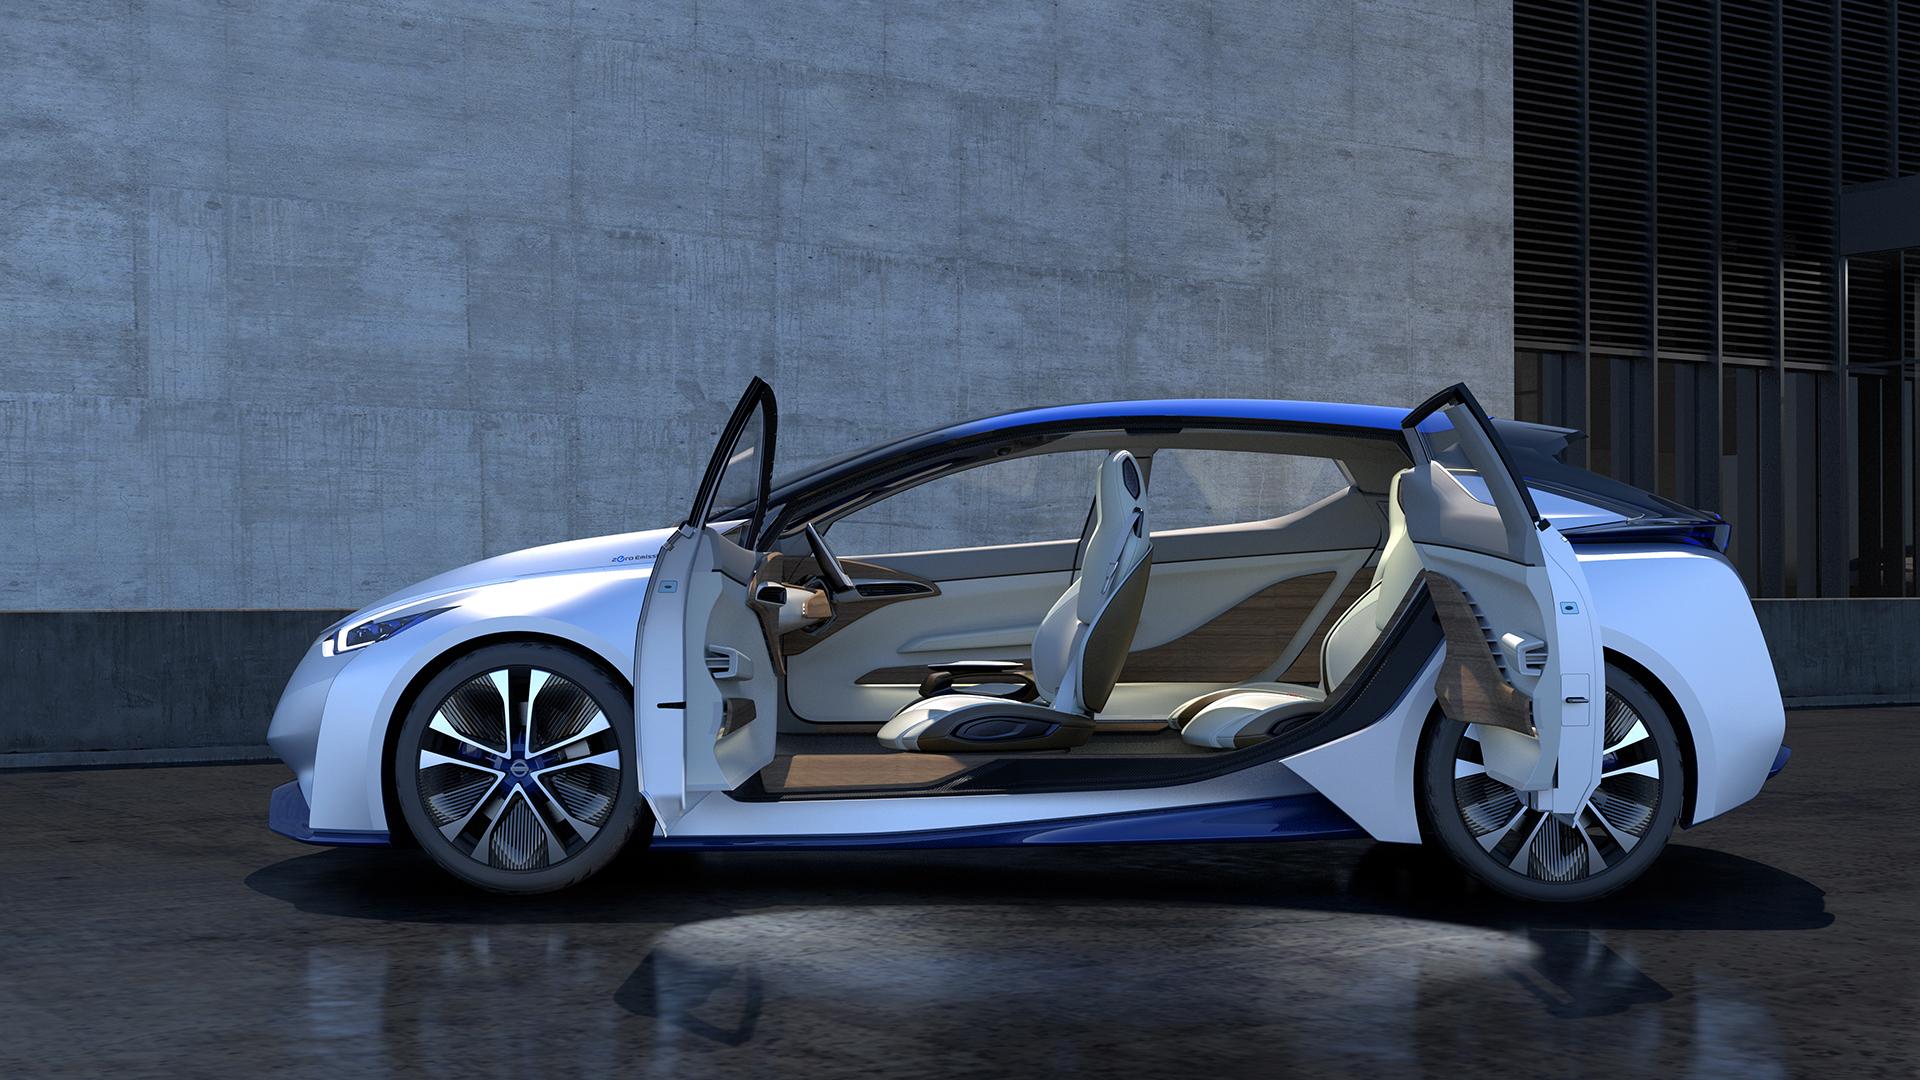 Nissan IDS Concept - portes ouvertes / open doors